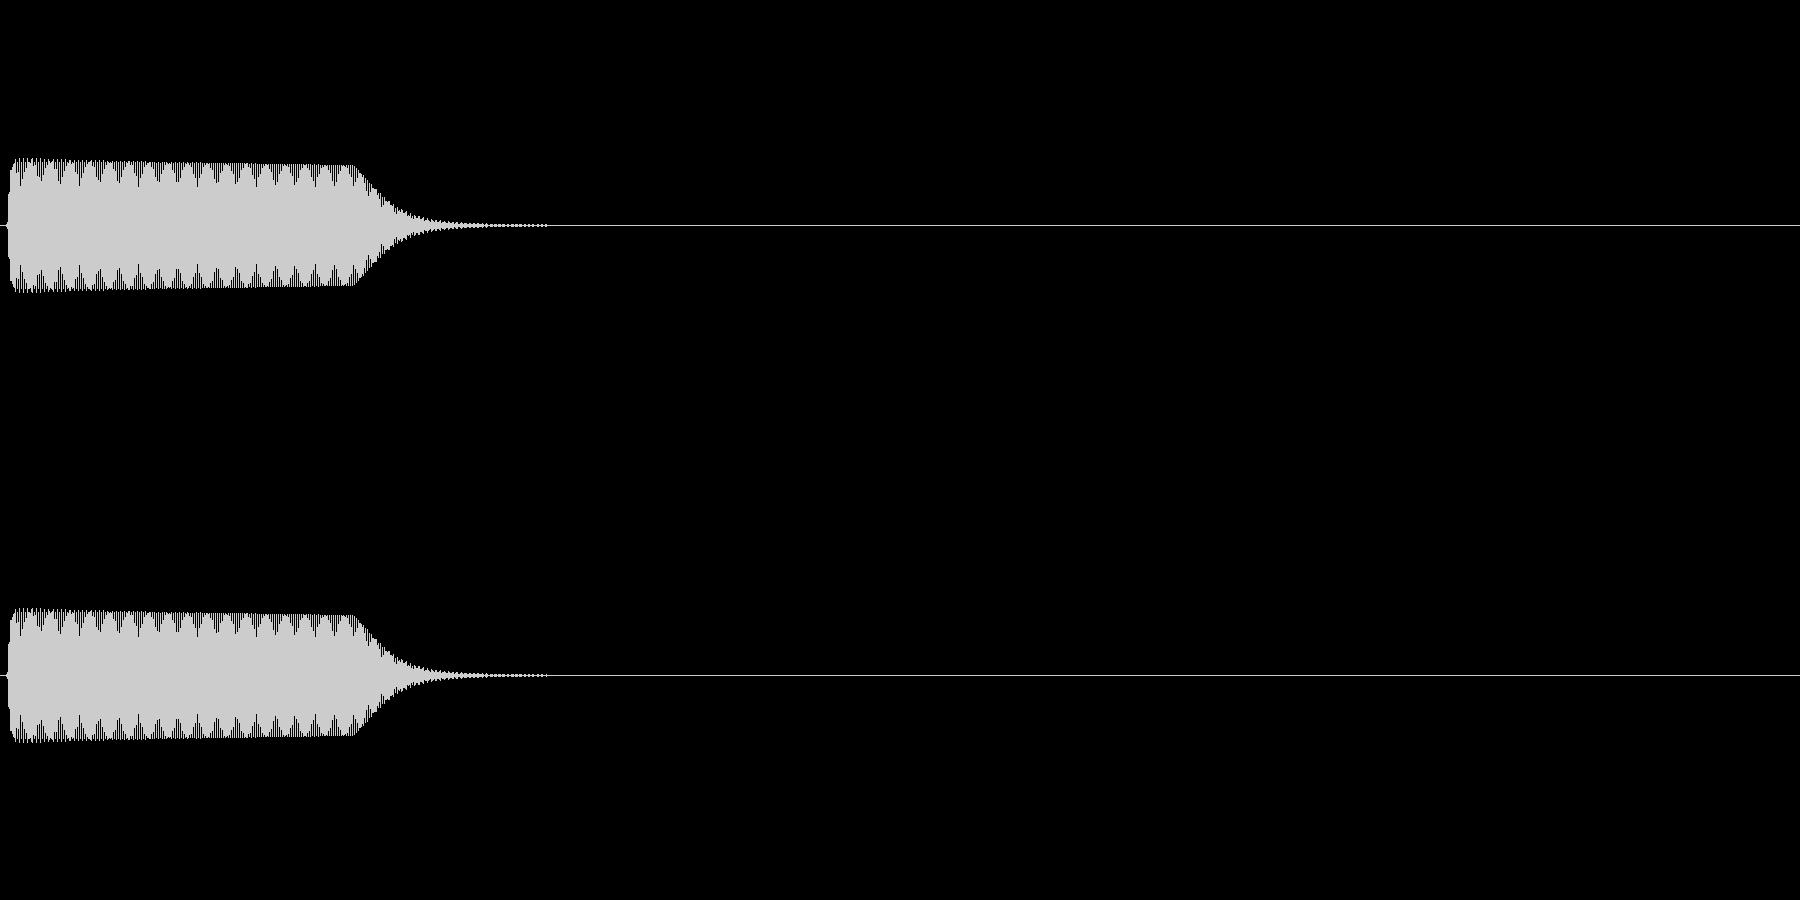 ピ(クリック_07)の未再生の波形